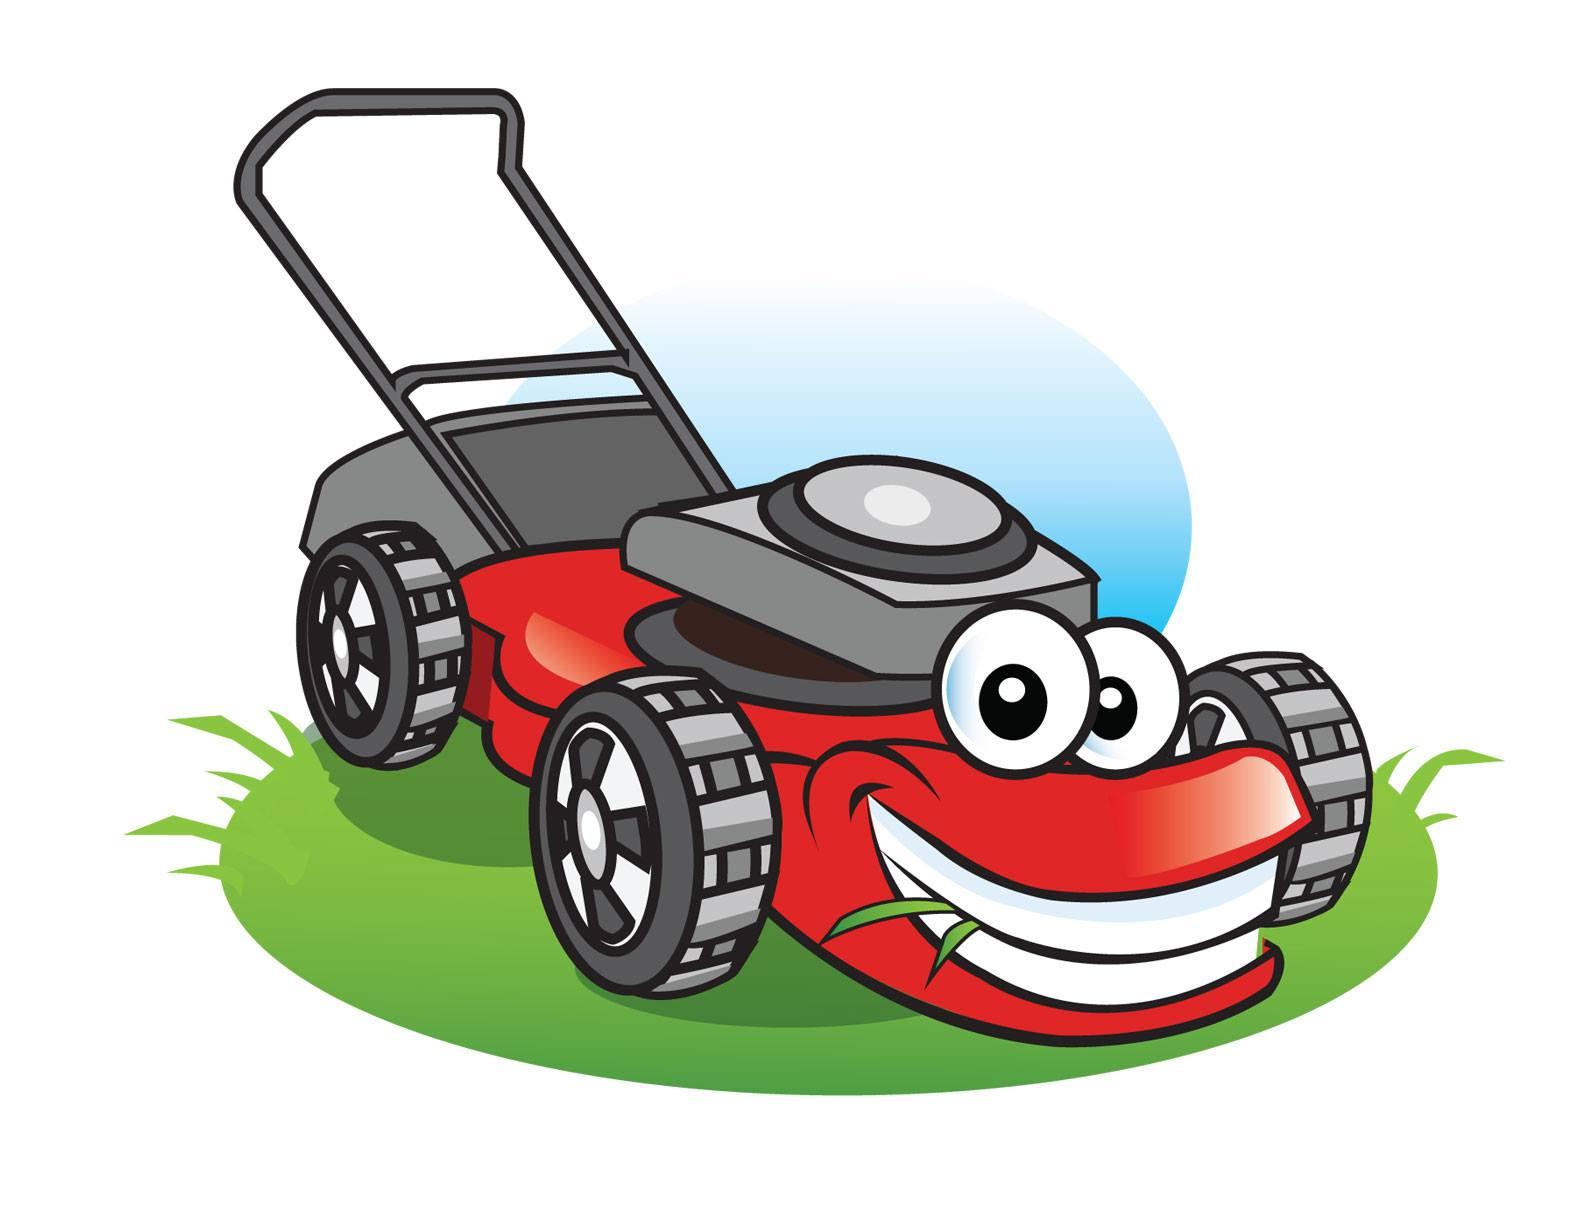 free cartoon lawn mower clipart - photo #13